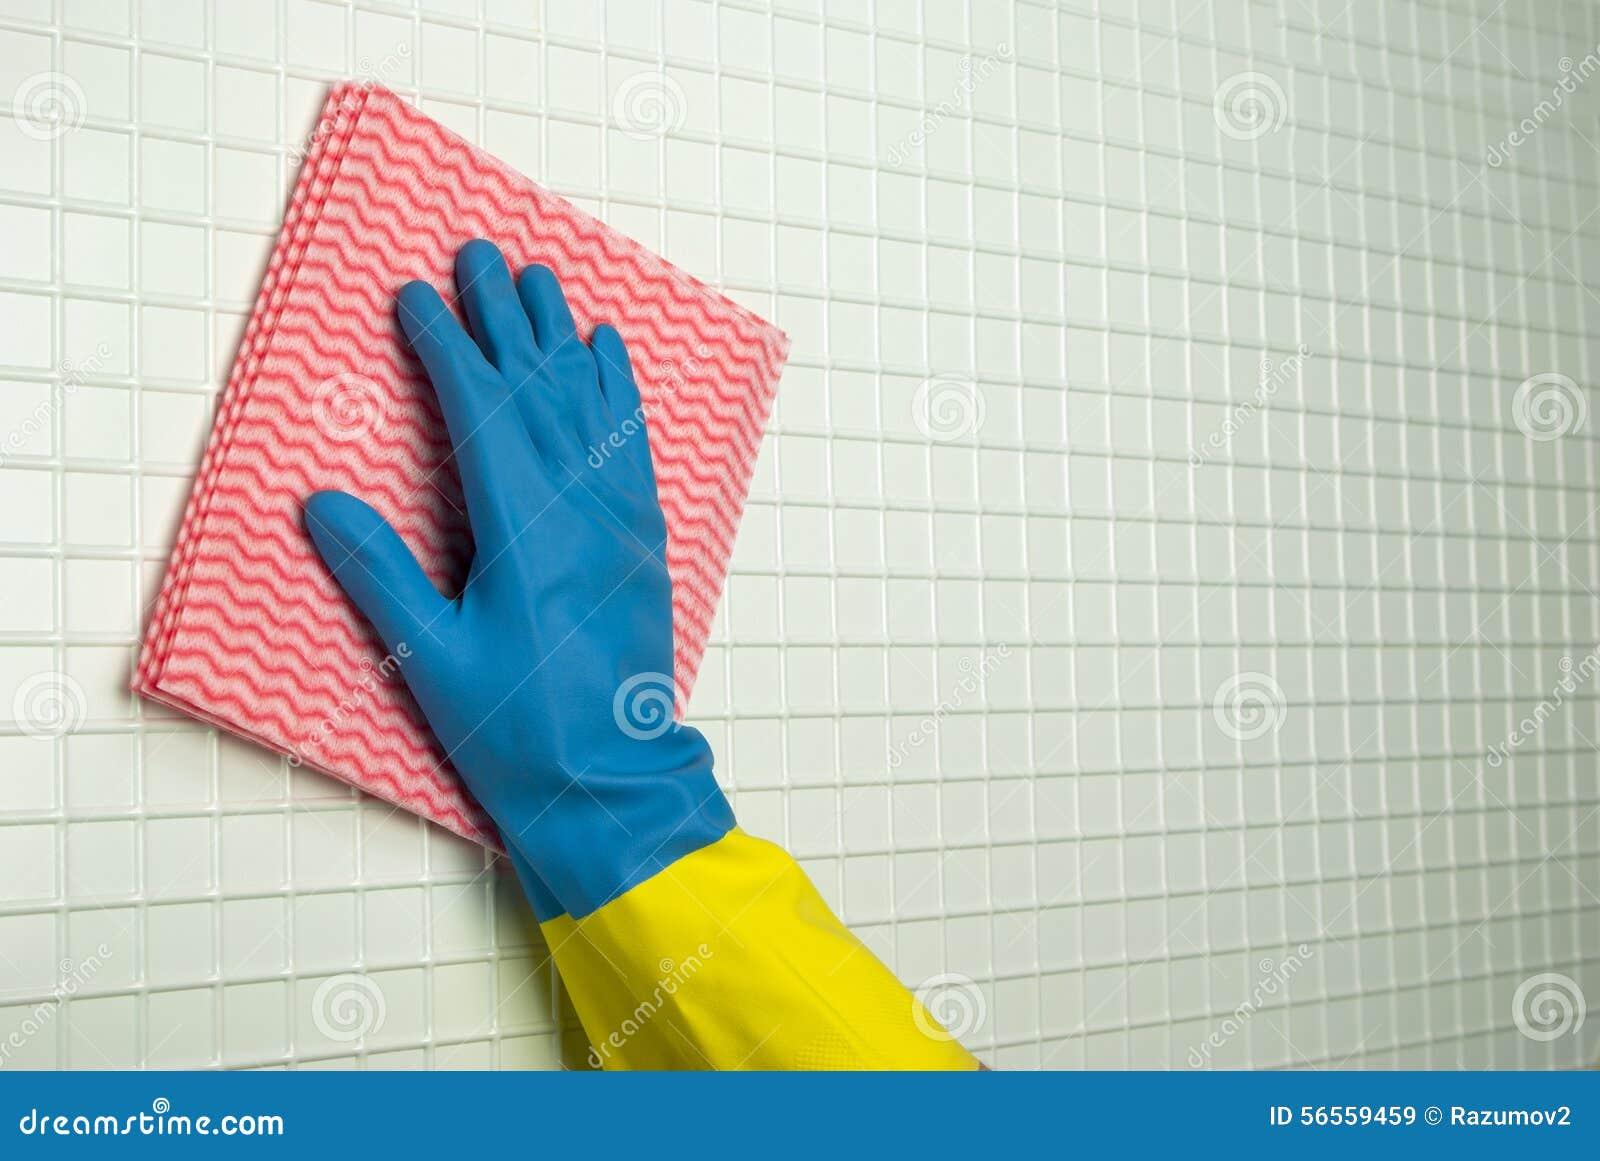 Download Ρόδινο κουρέλι που καθαρίζει Στοκ Εικόνα - εικόνα από καθαρίστε, οικογένεια: 56559459